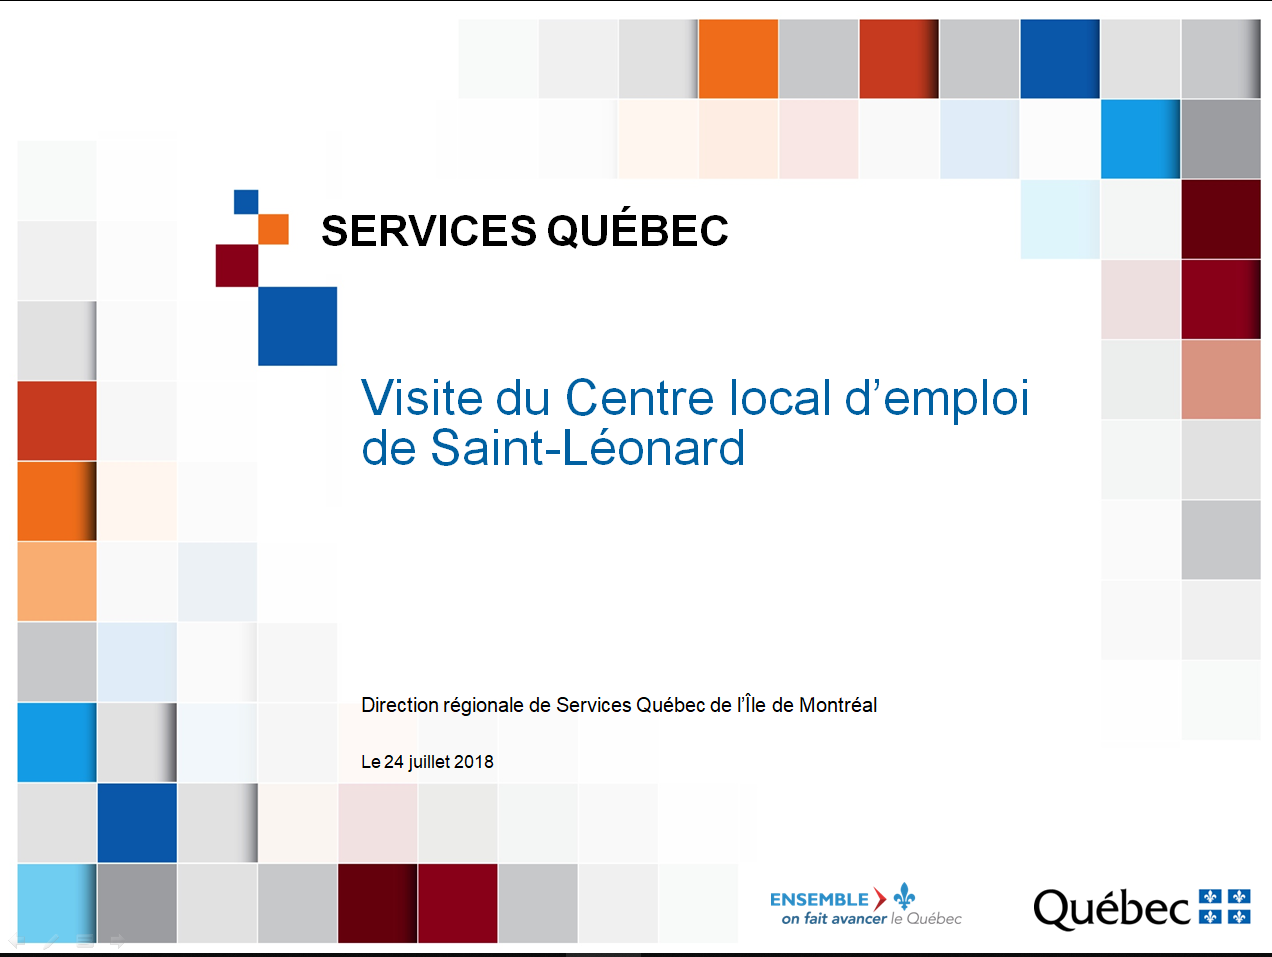 Présentation des services du CLE Anjou/Saint-Léonard